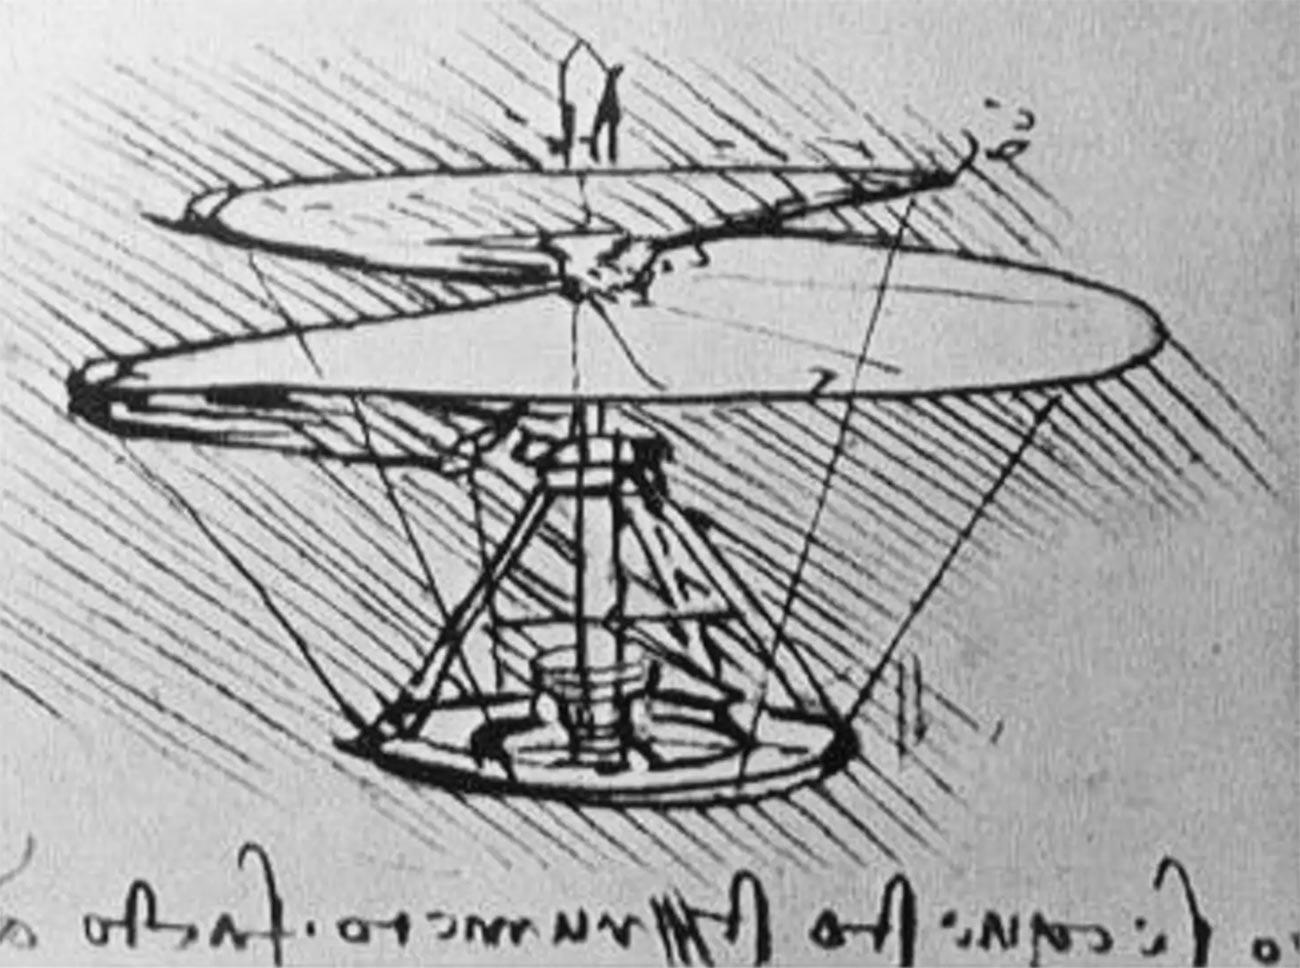 El prototipo de helicóptero de Leonardo da Vinci.